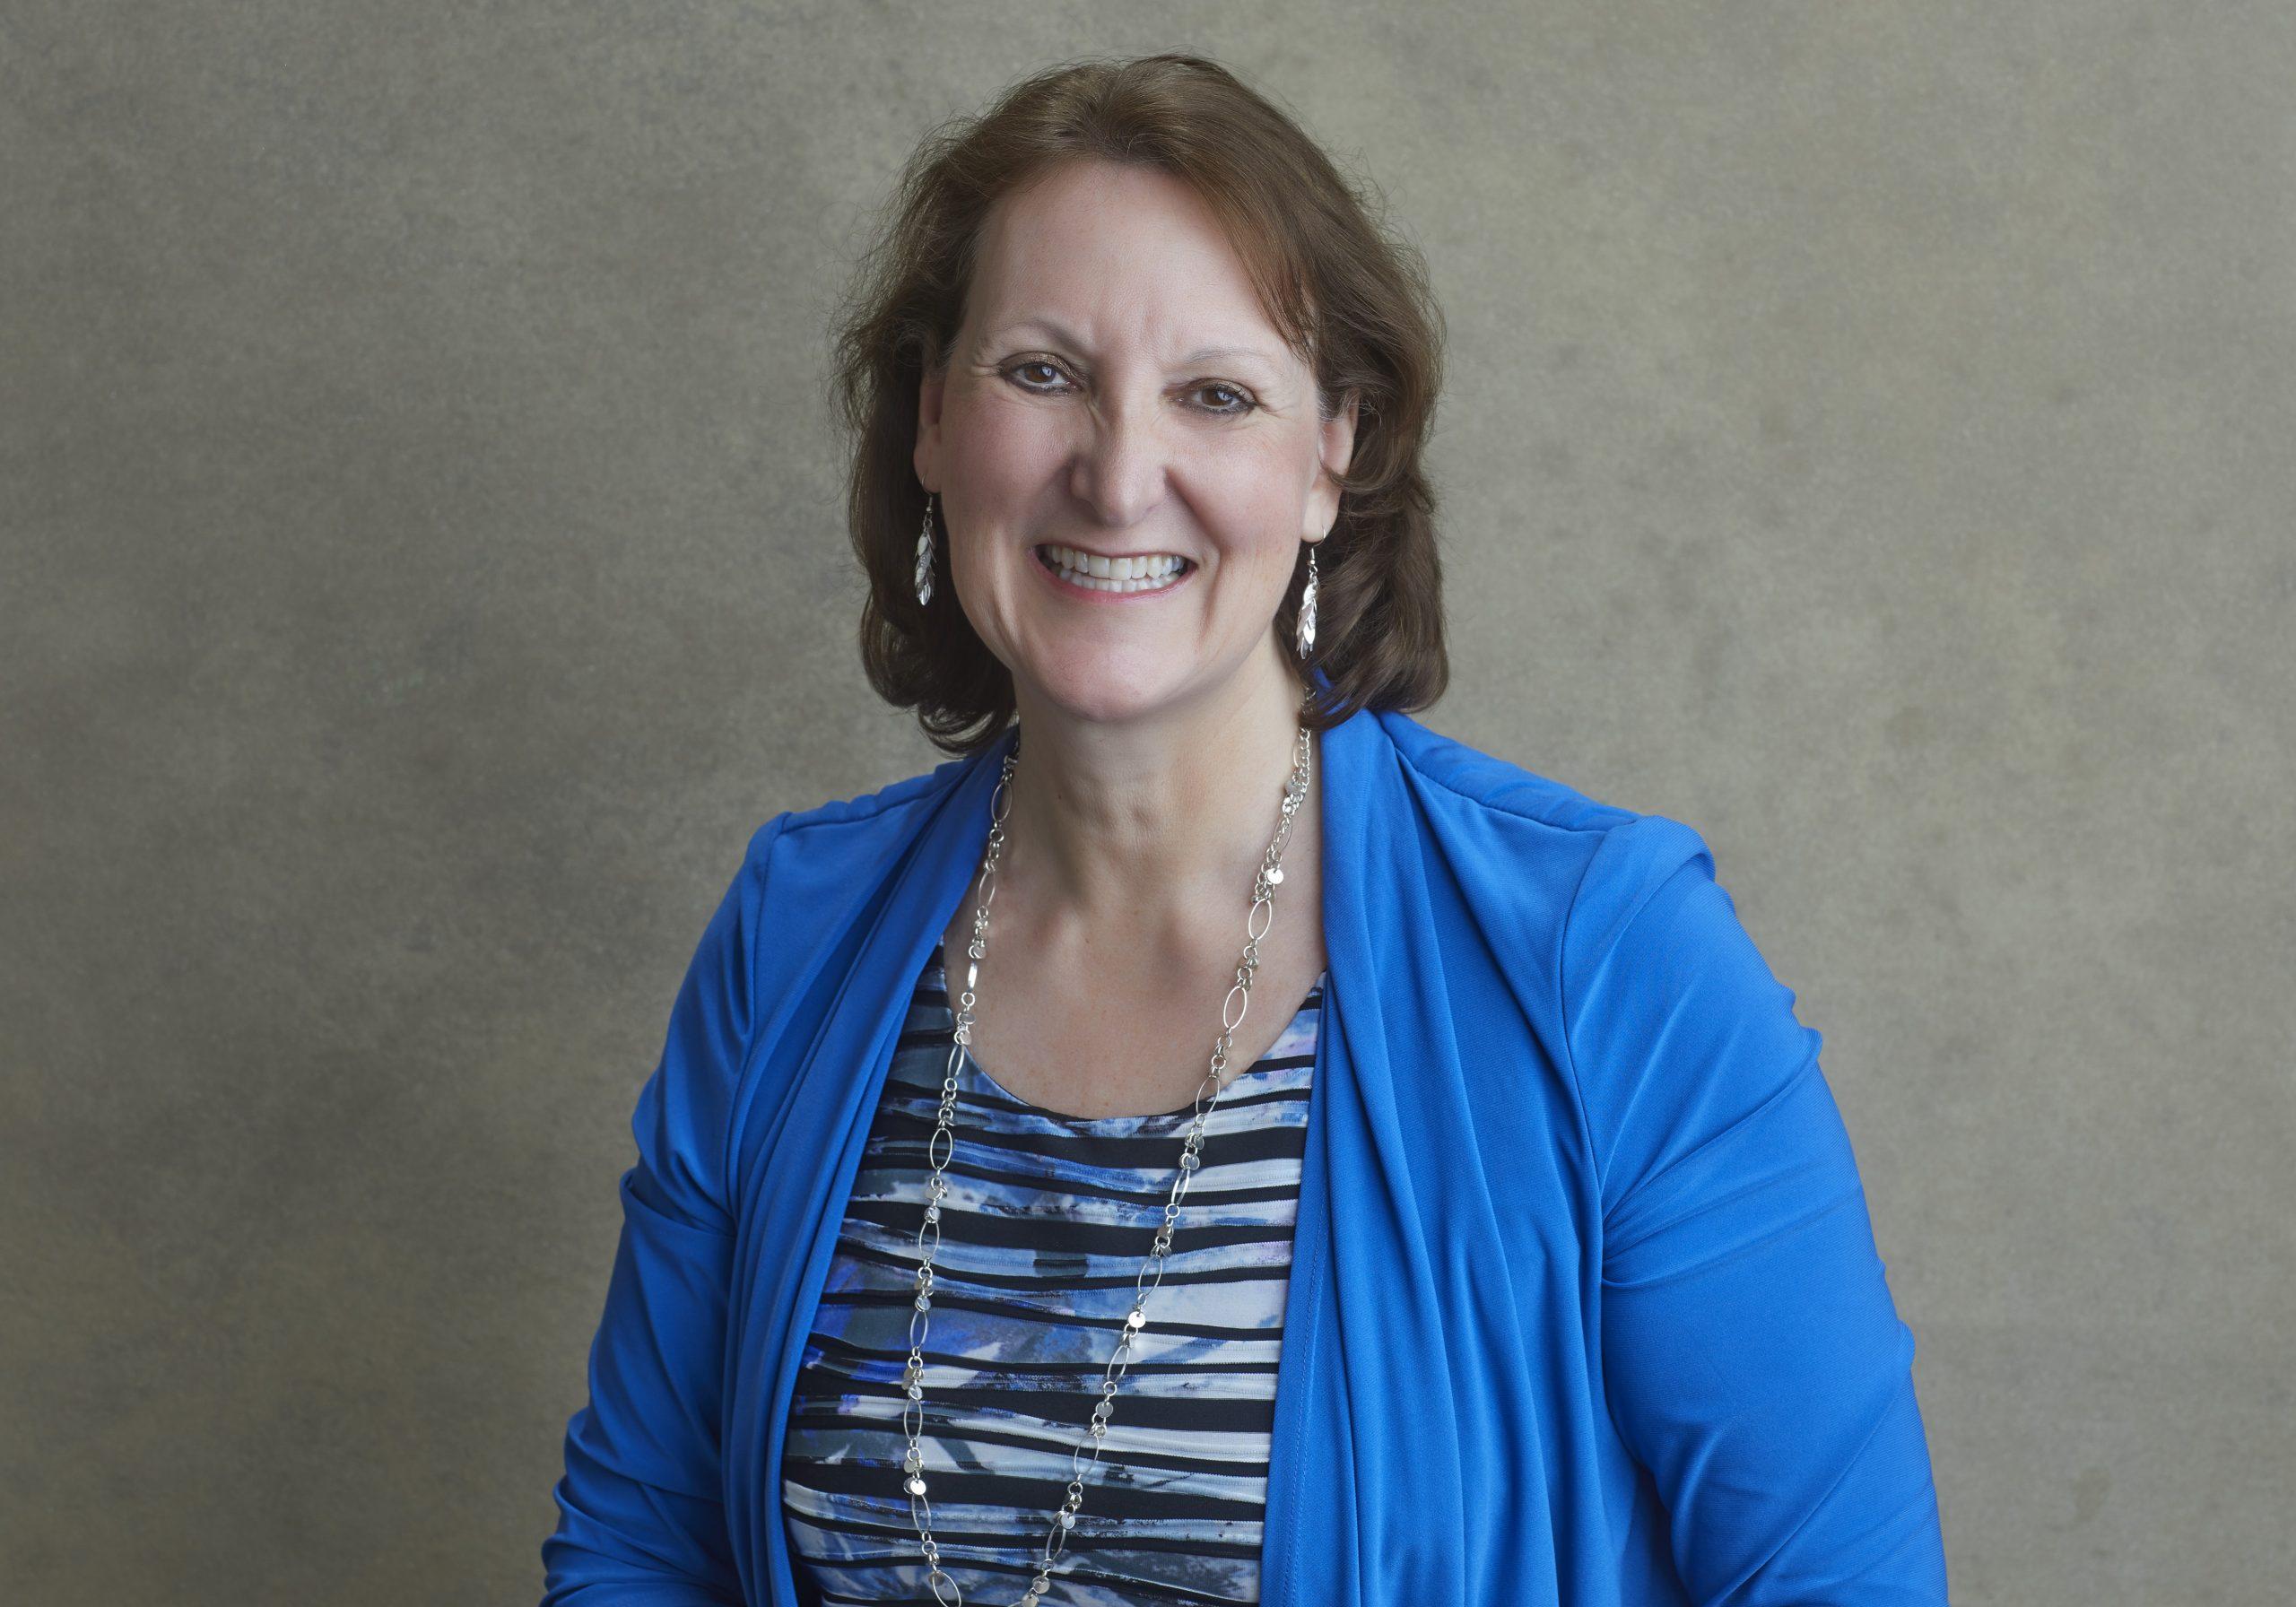 Rosolena Conroy, Medical Director